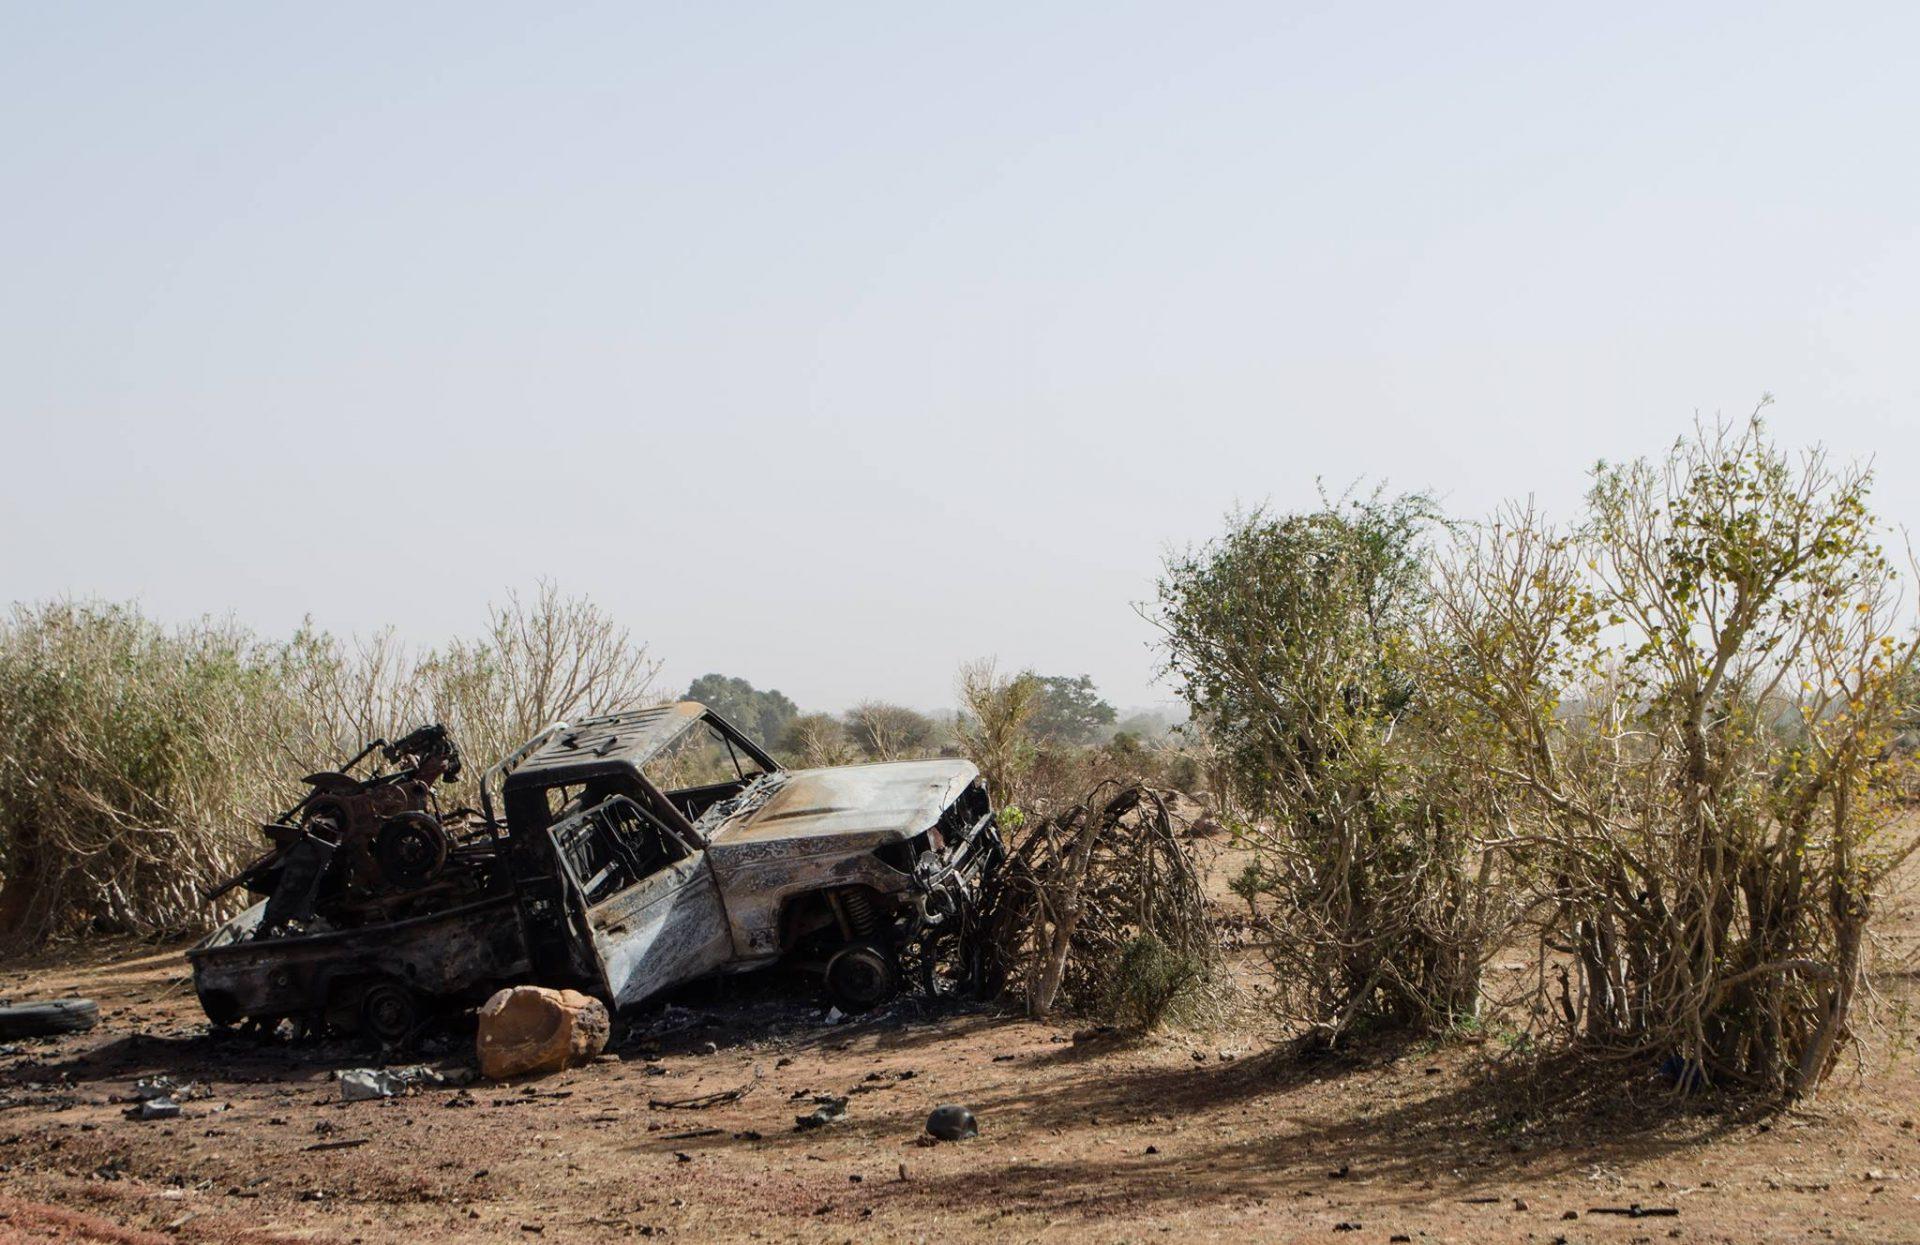 Mali at war